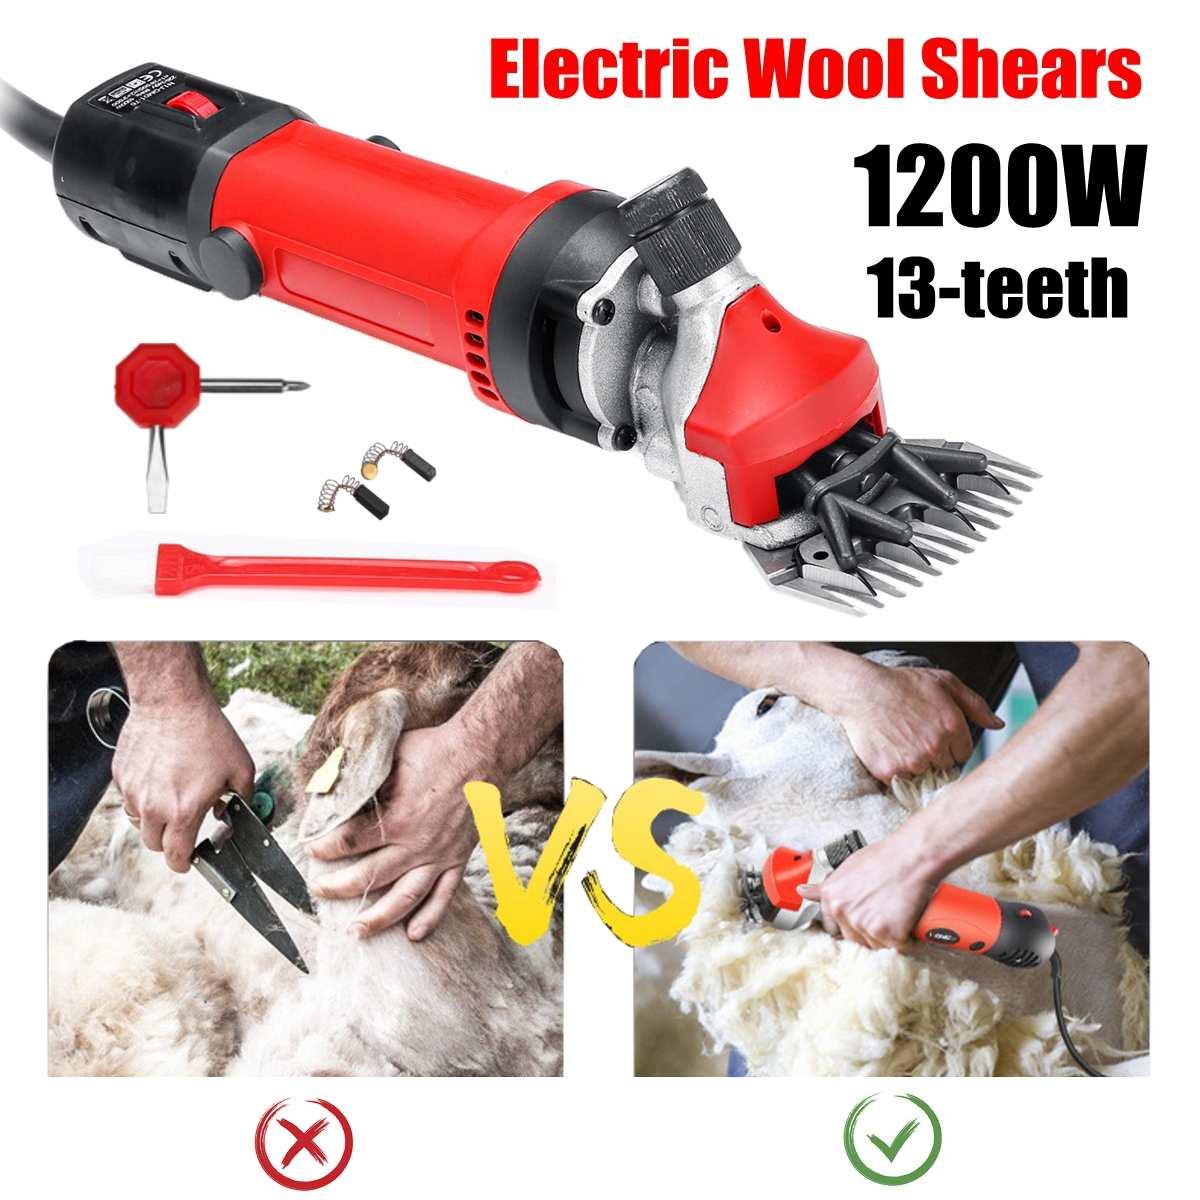 1200W EU Plug Электрические для стрижки овец кусачки для шерсти домашних животных, набор для стрижки шерсти, ножницы для стрижки животных, товары